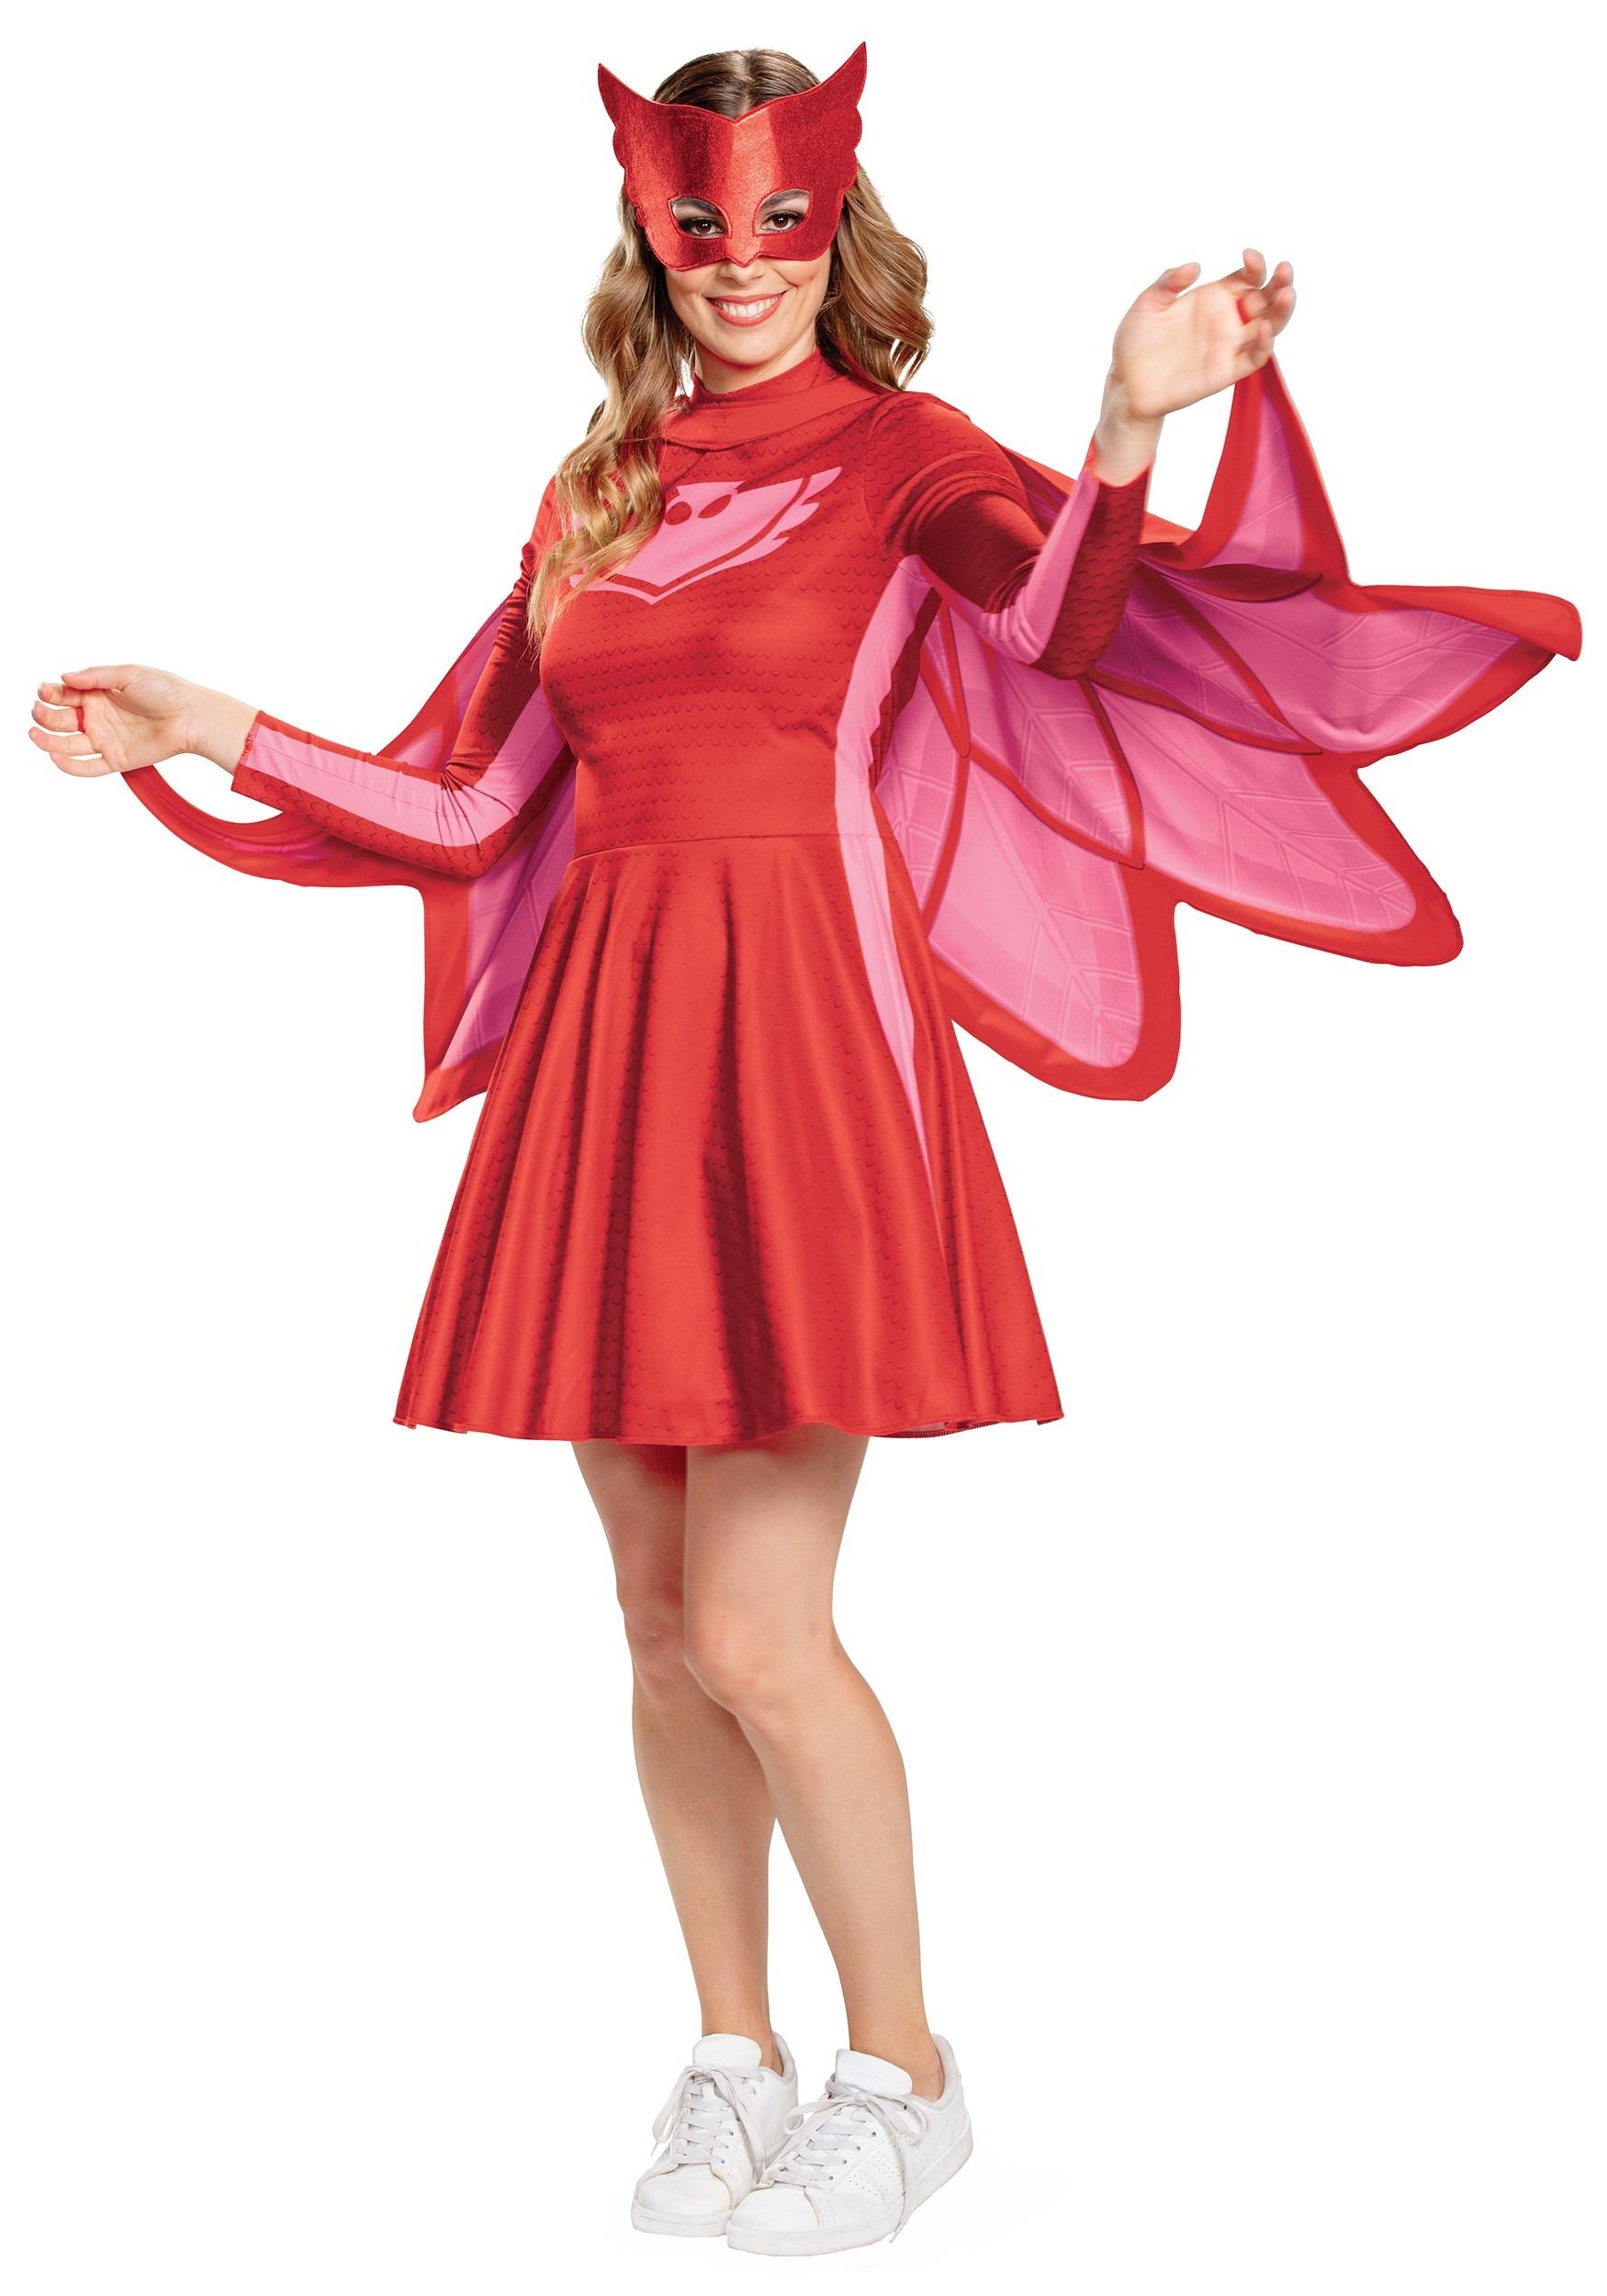 Pj Masks Owlette Classic Costume For Women